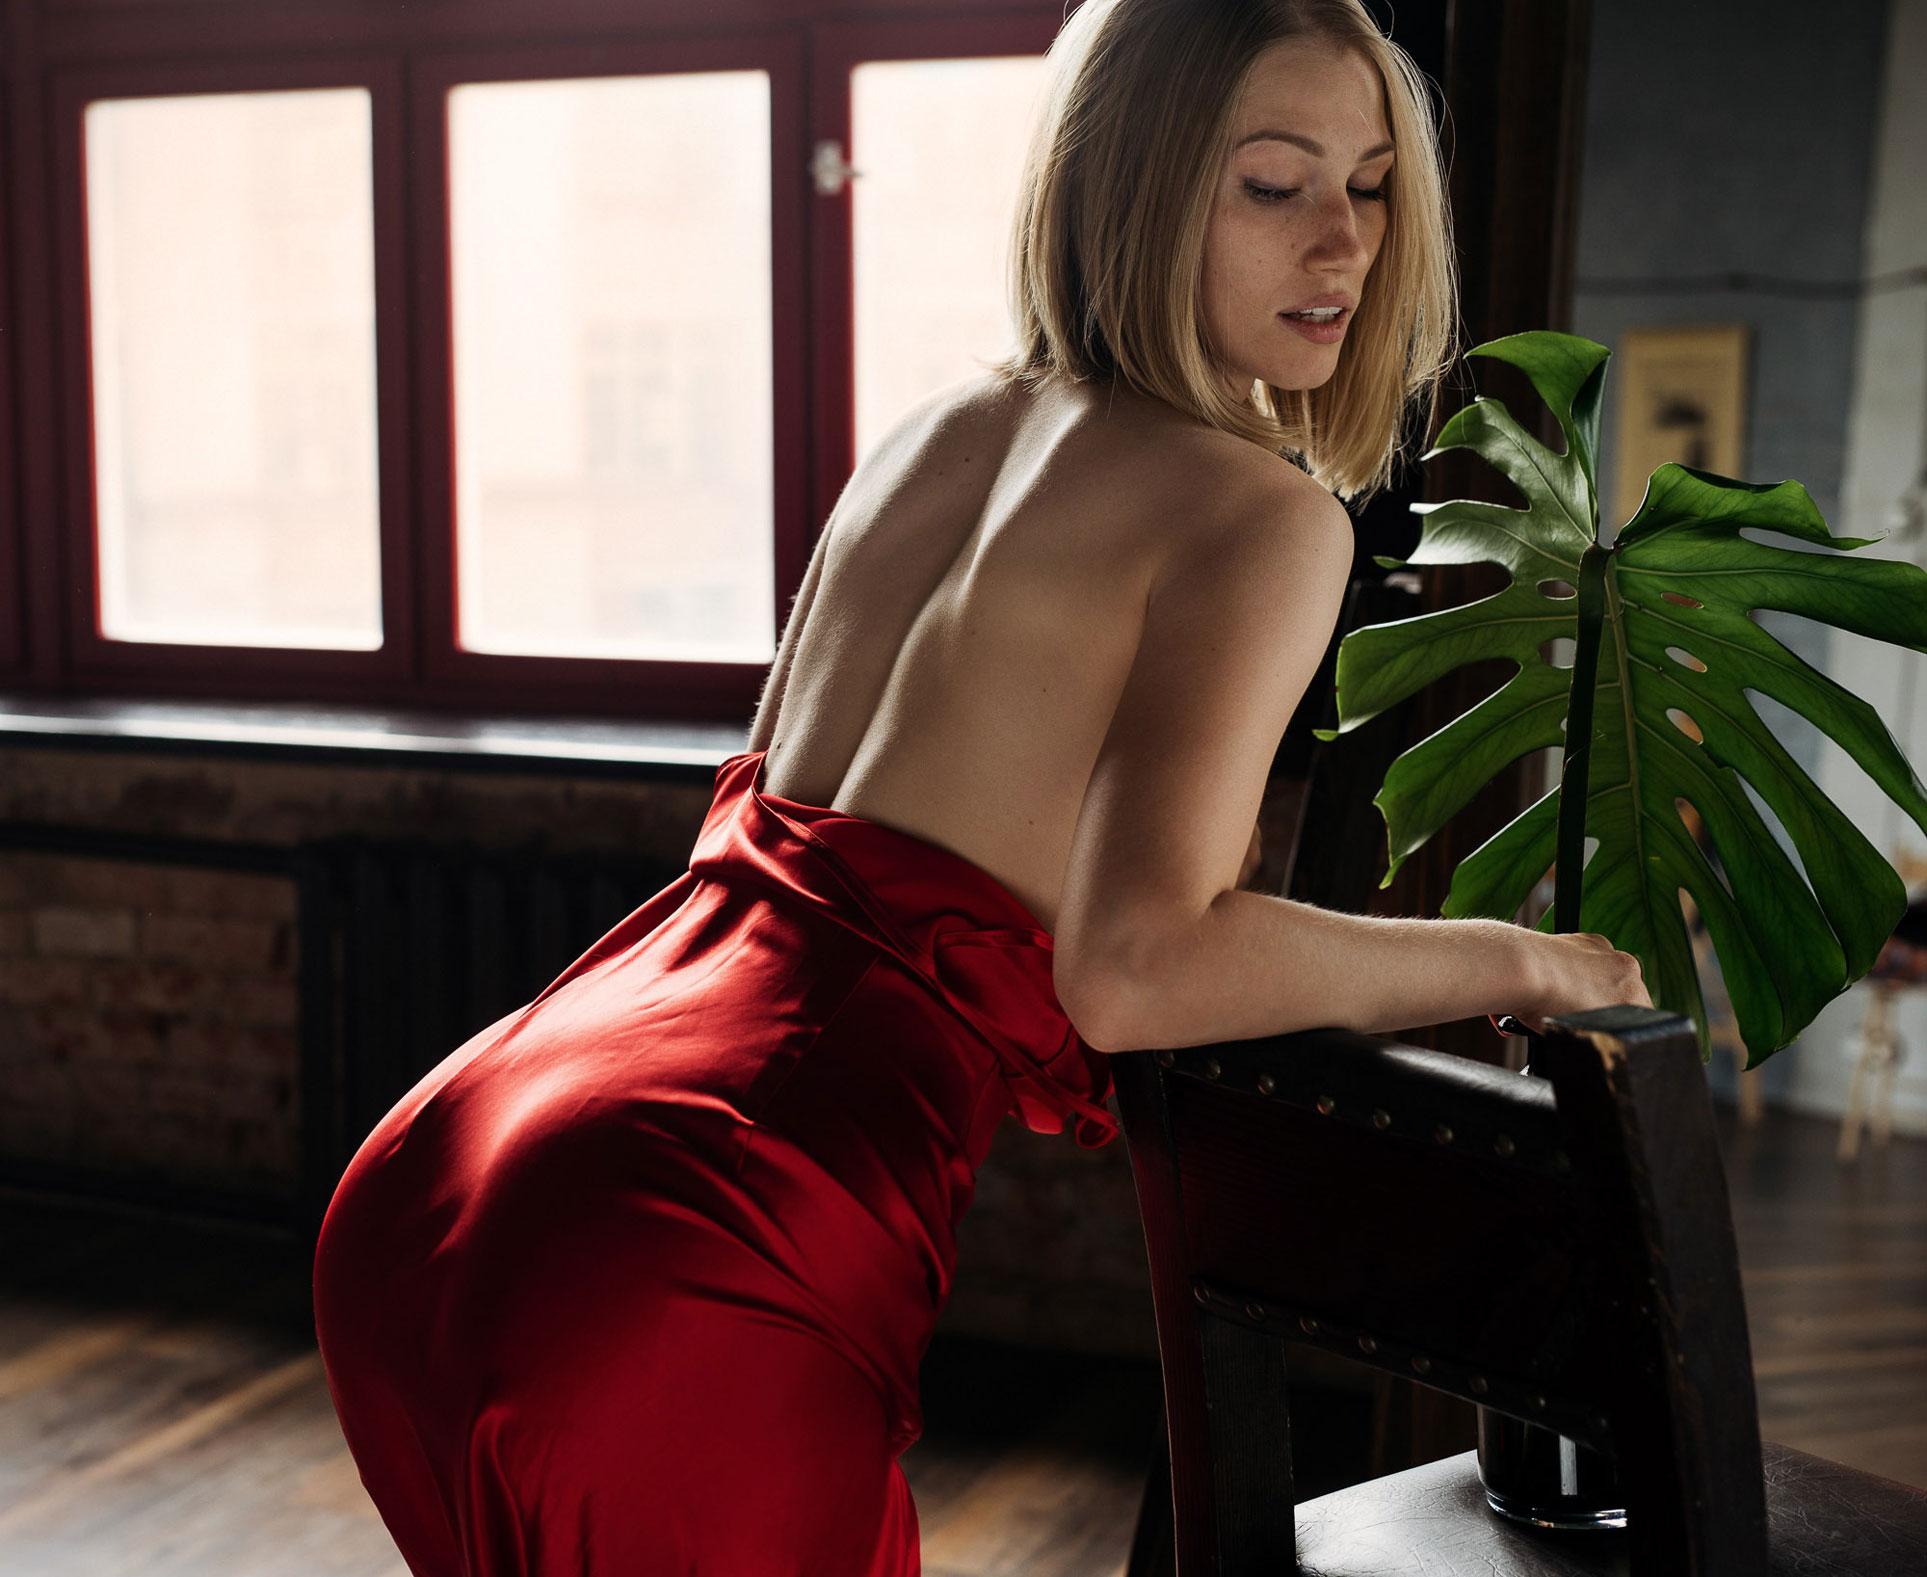 Обнаженная в красном платье - Дарья Мырзахметова / Daria Myrzakhmetova by Lisa Shaburova